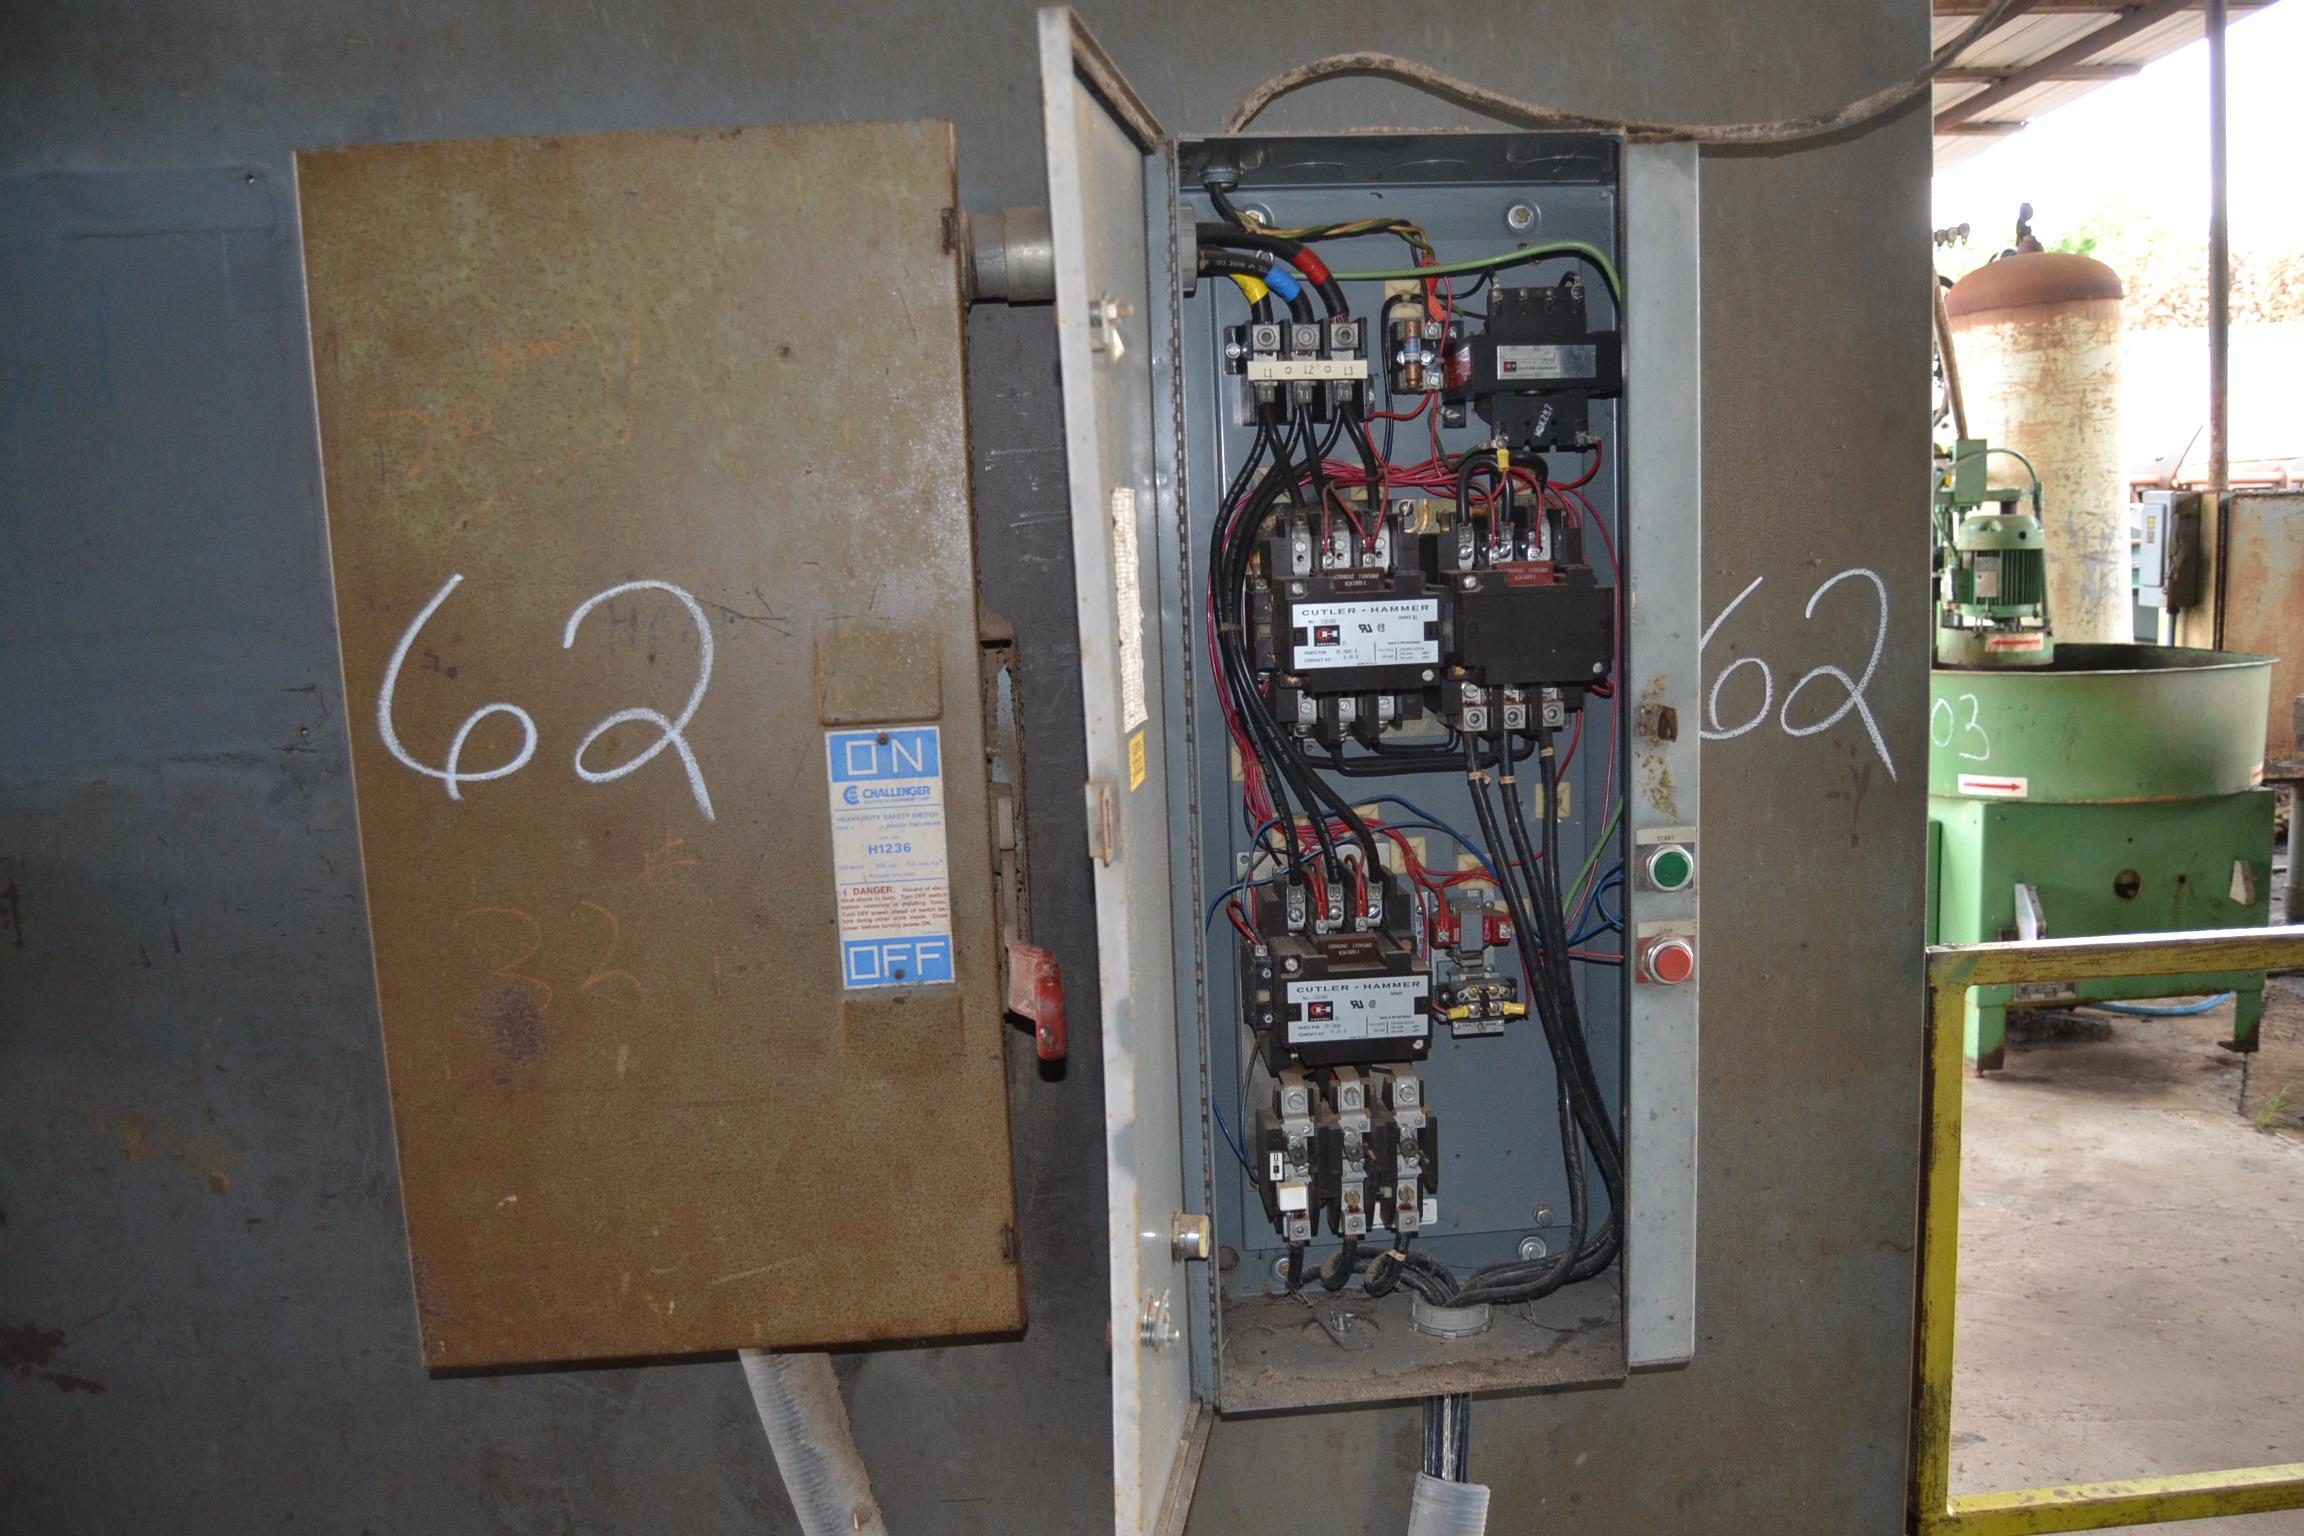 Lot 62 - CUTLER HAMMER 150 HP REDUCED VOLTAGE STARTER W/ 200 AMP DISC W/ CONTROL BOX W/ (1) ALLEN BRADLEY